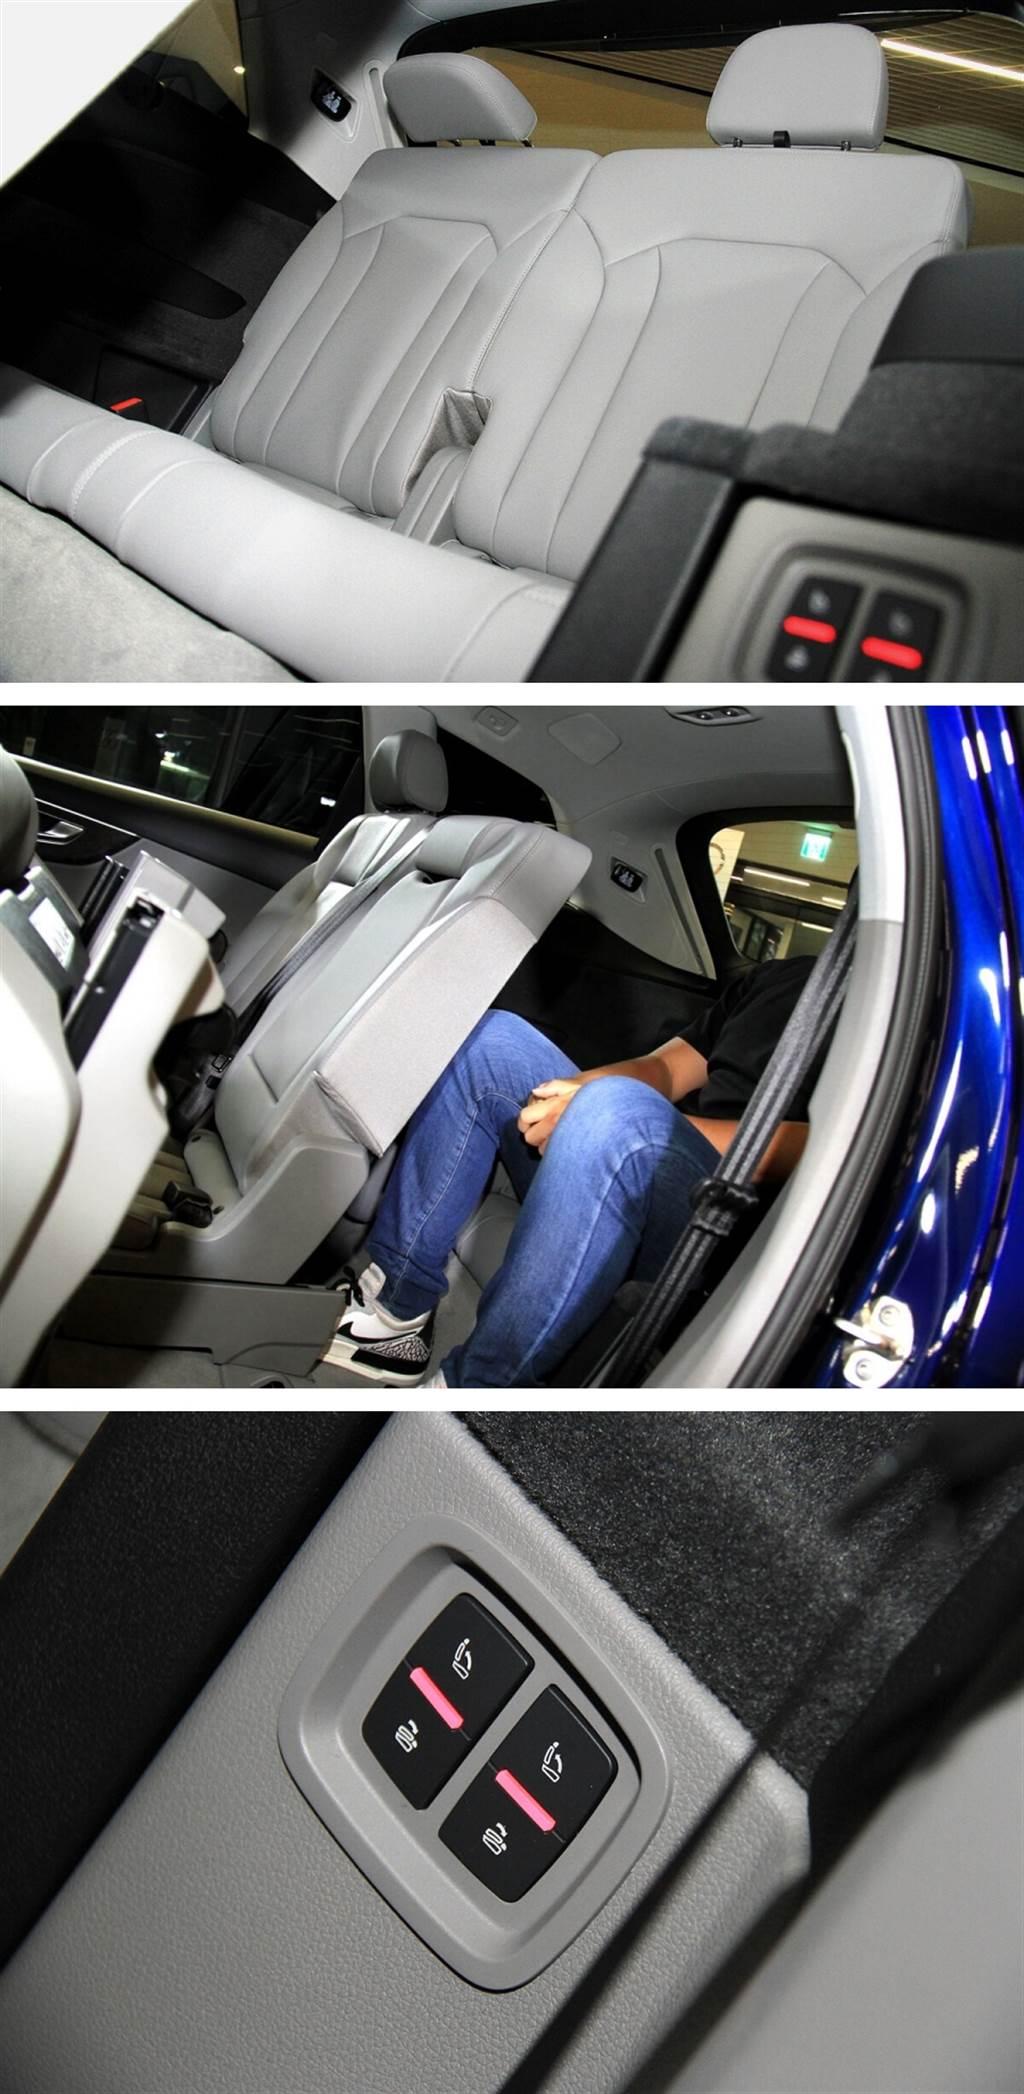 第三排椅背傾倒與立起均為電動控制,並且後車門邊與行李箱邊都有按鍵。